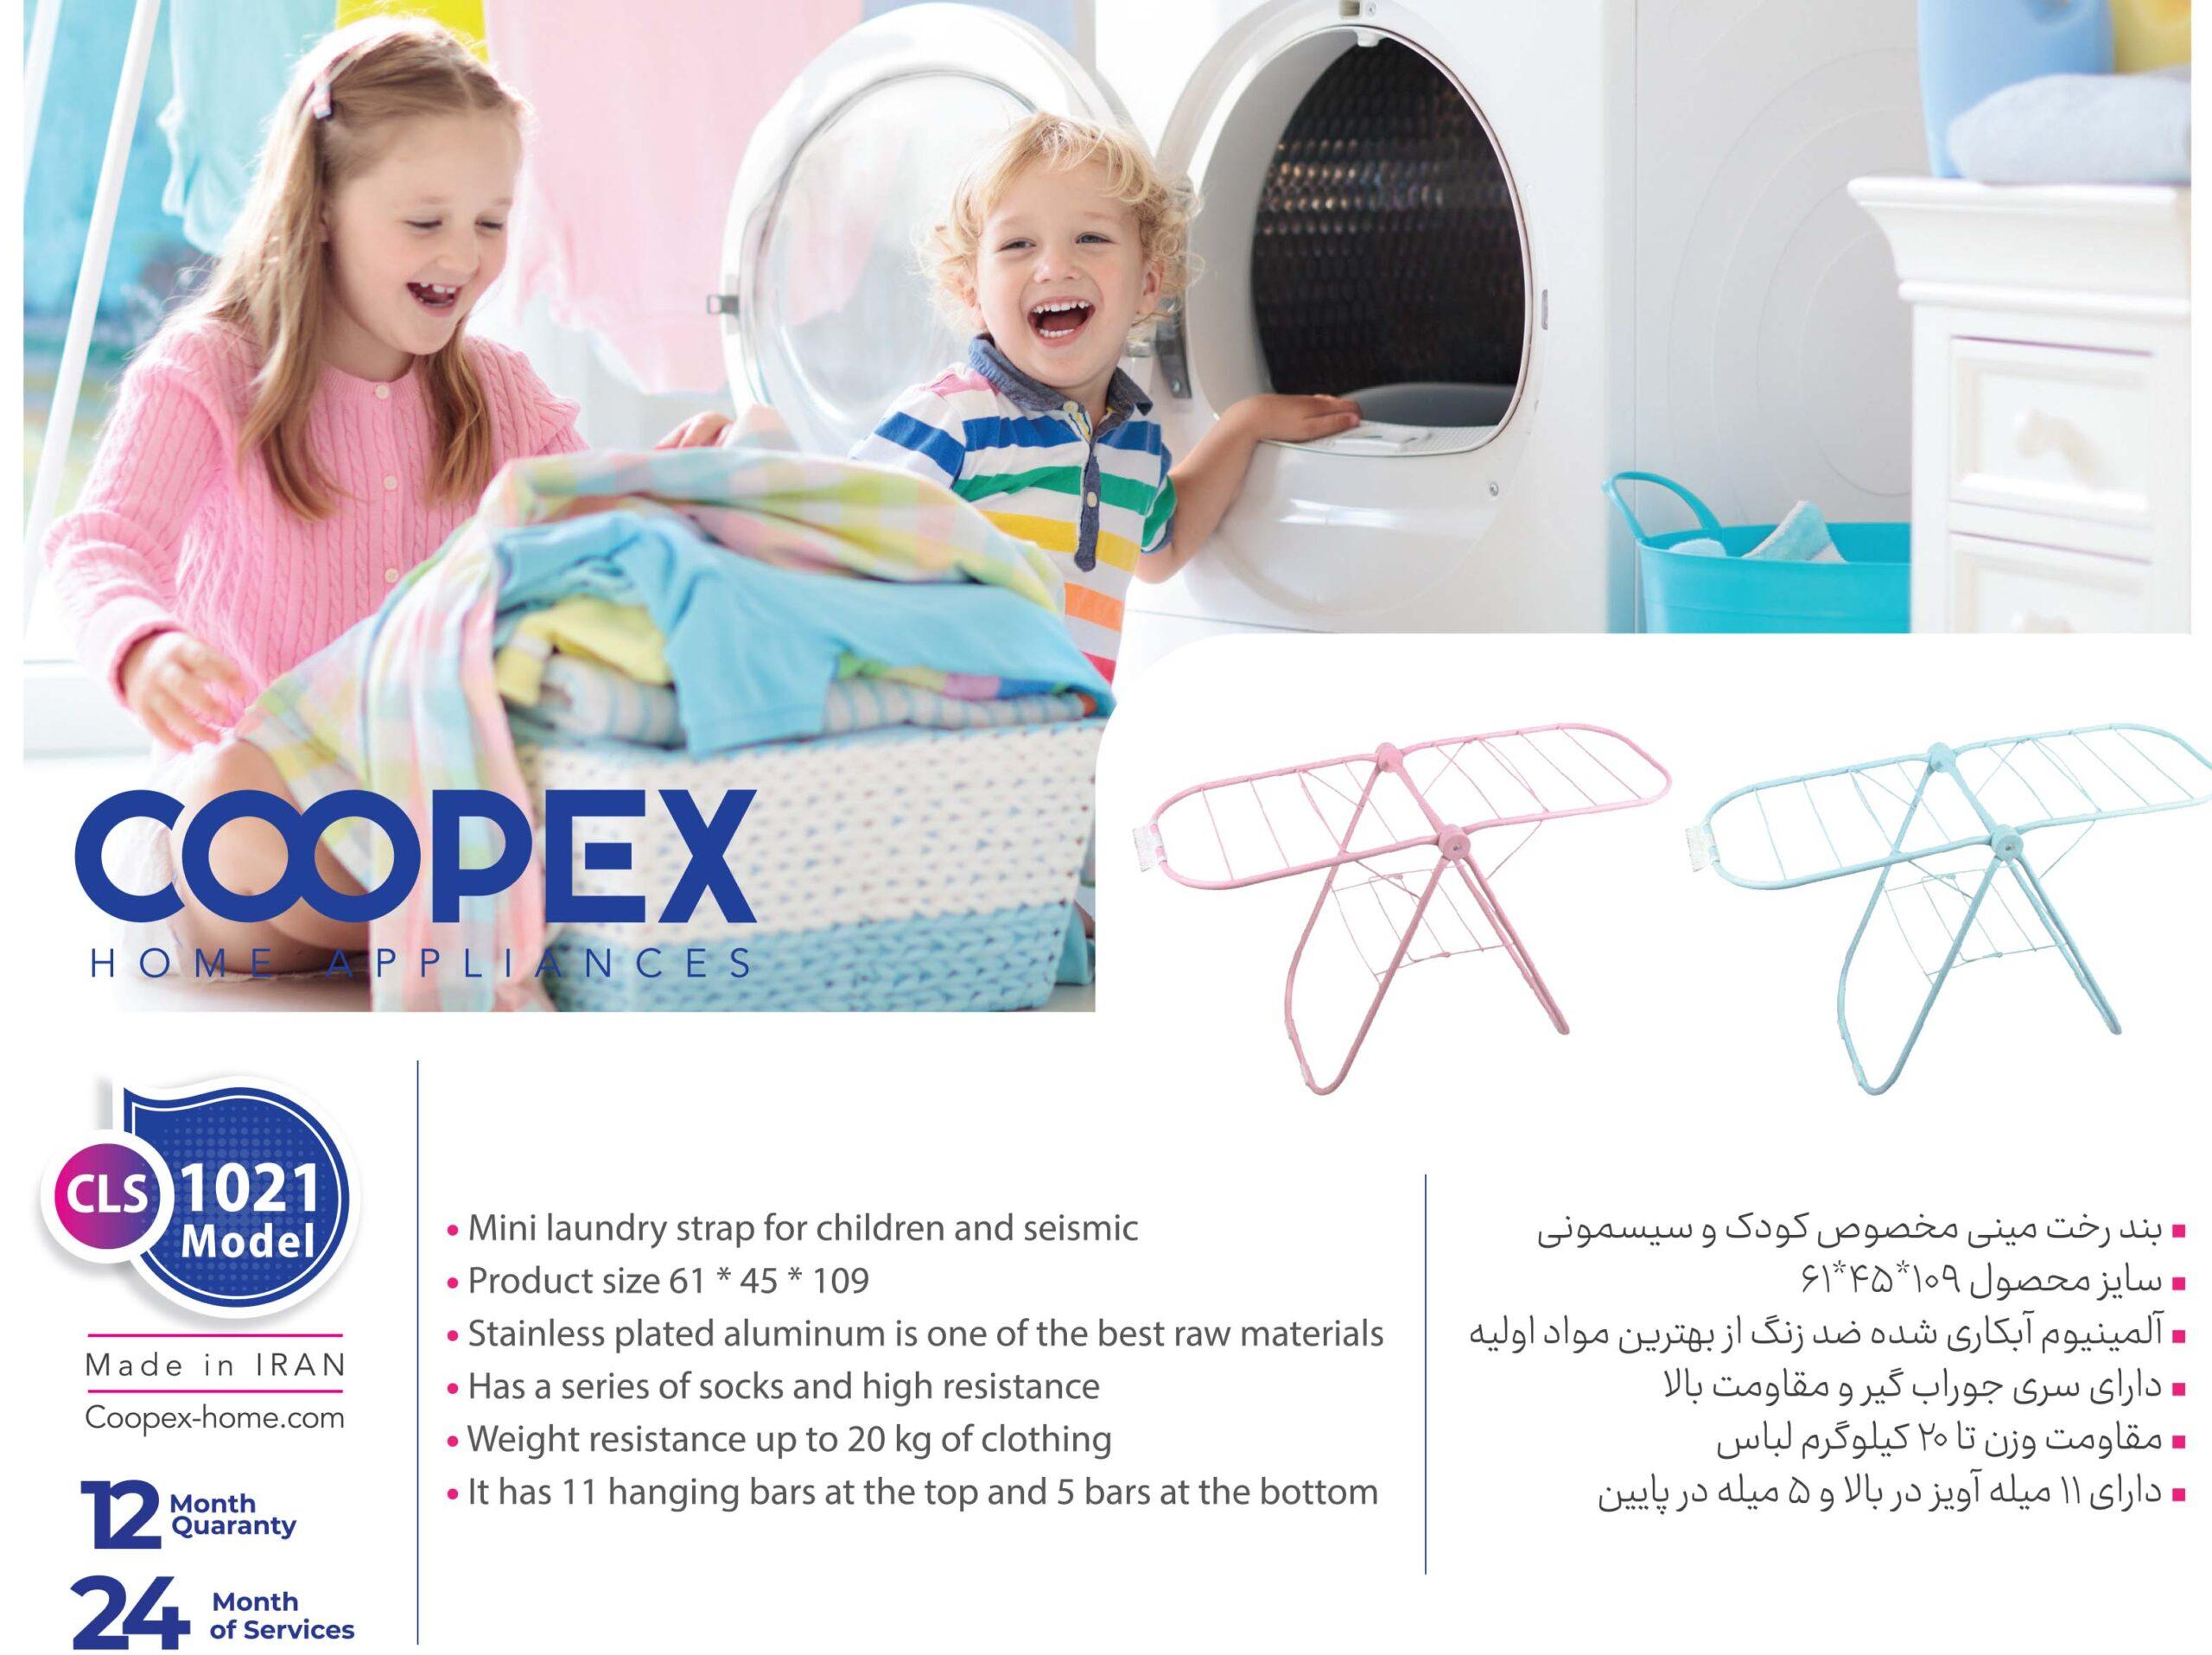 منشر الغسيل - شركة كوبكس للأجهزة المنزلة